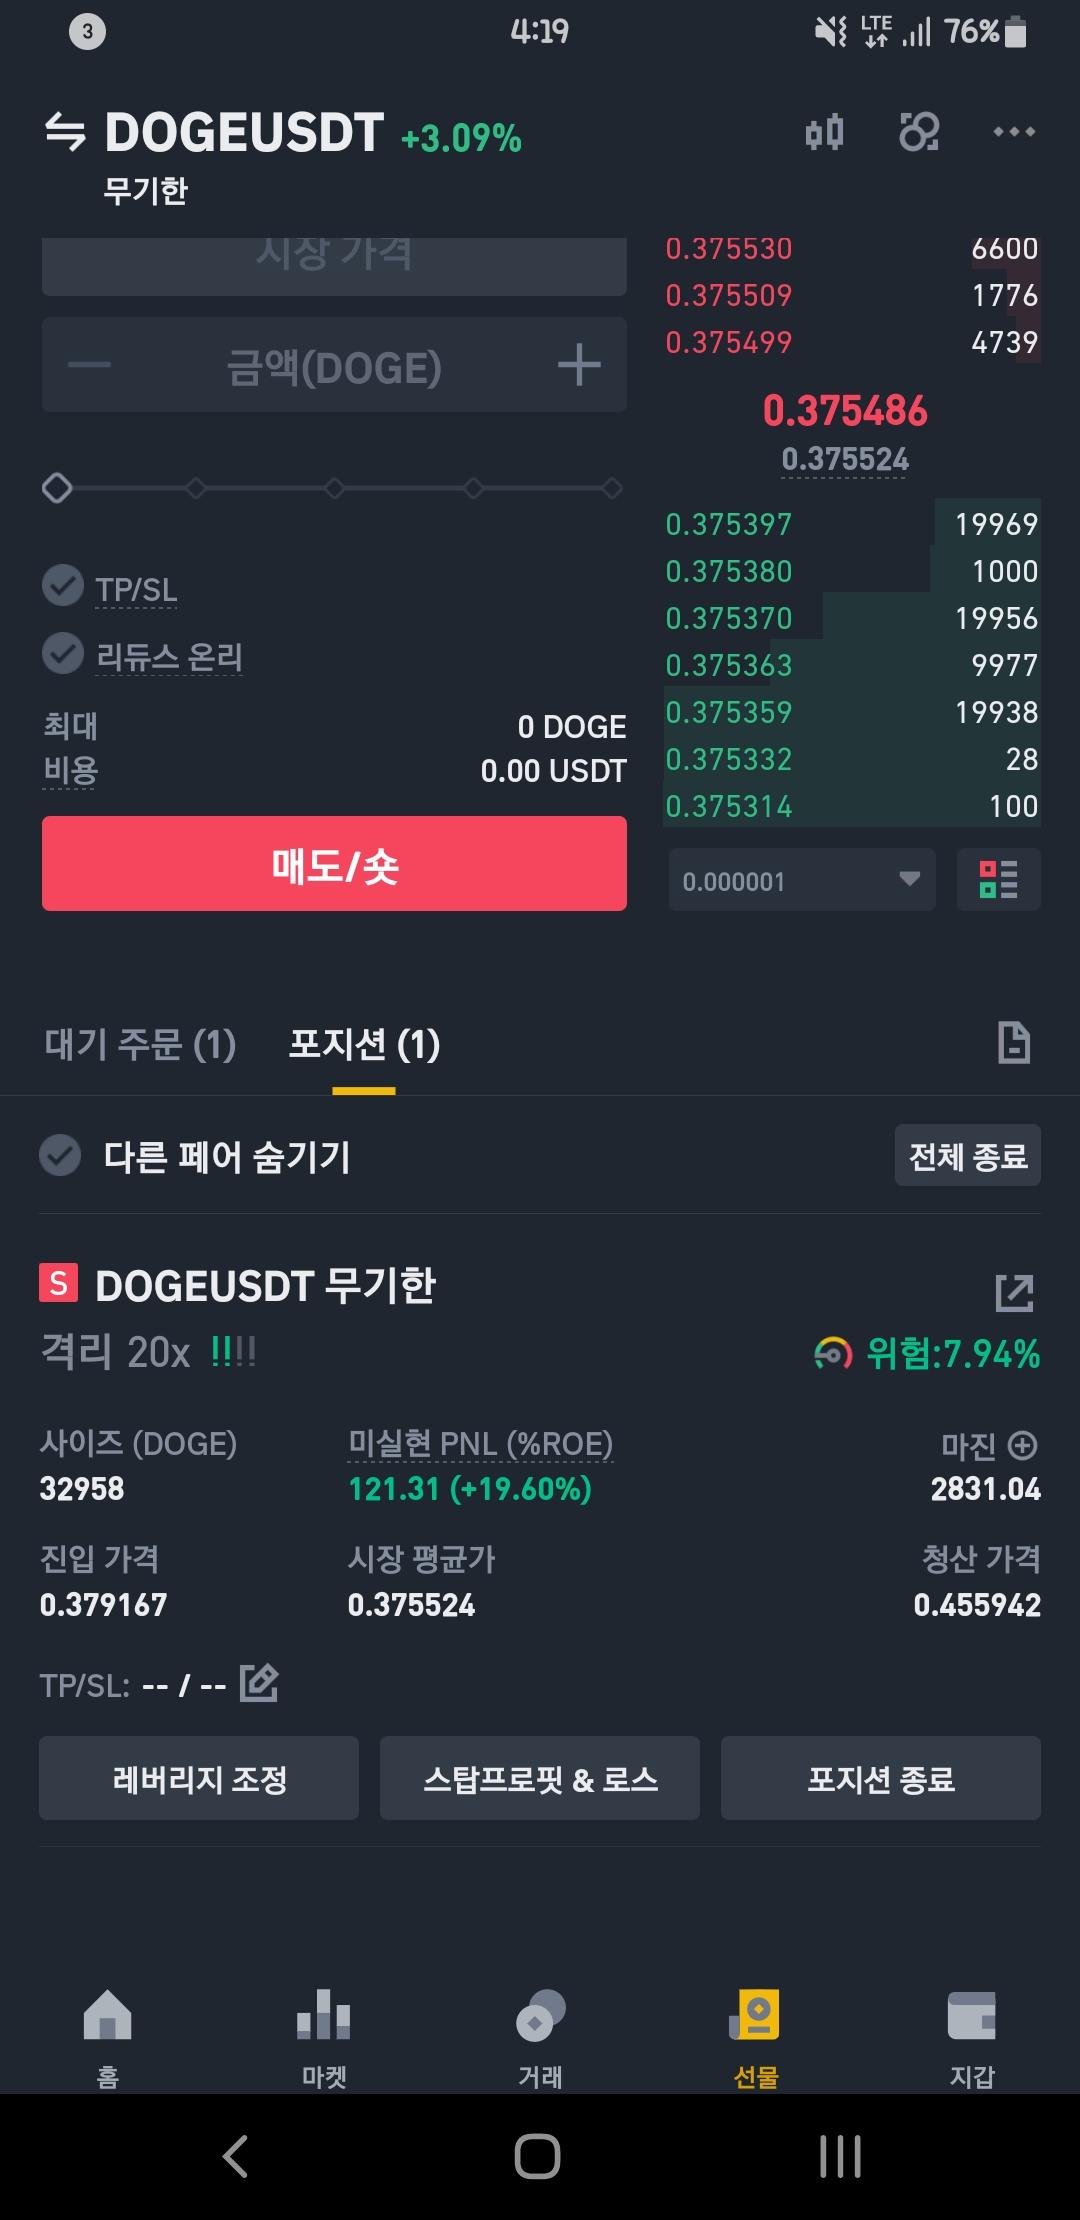 Screenshot_20210502-161956_Binance.jpg : DOGE x20 스캘핑 120달러